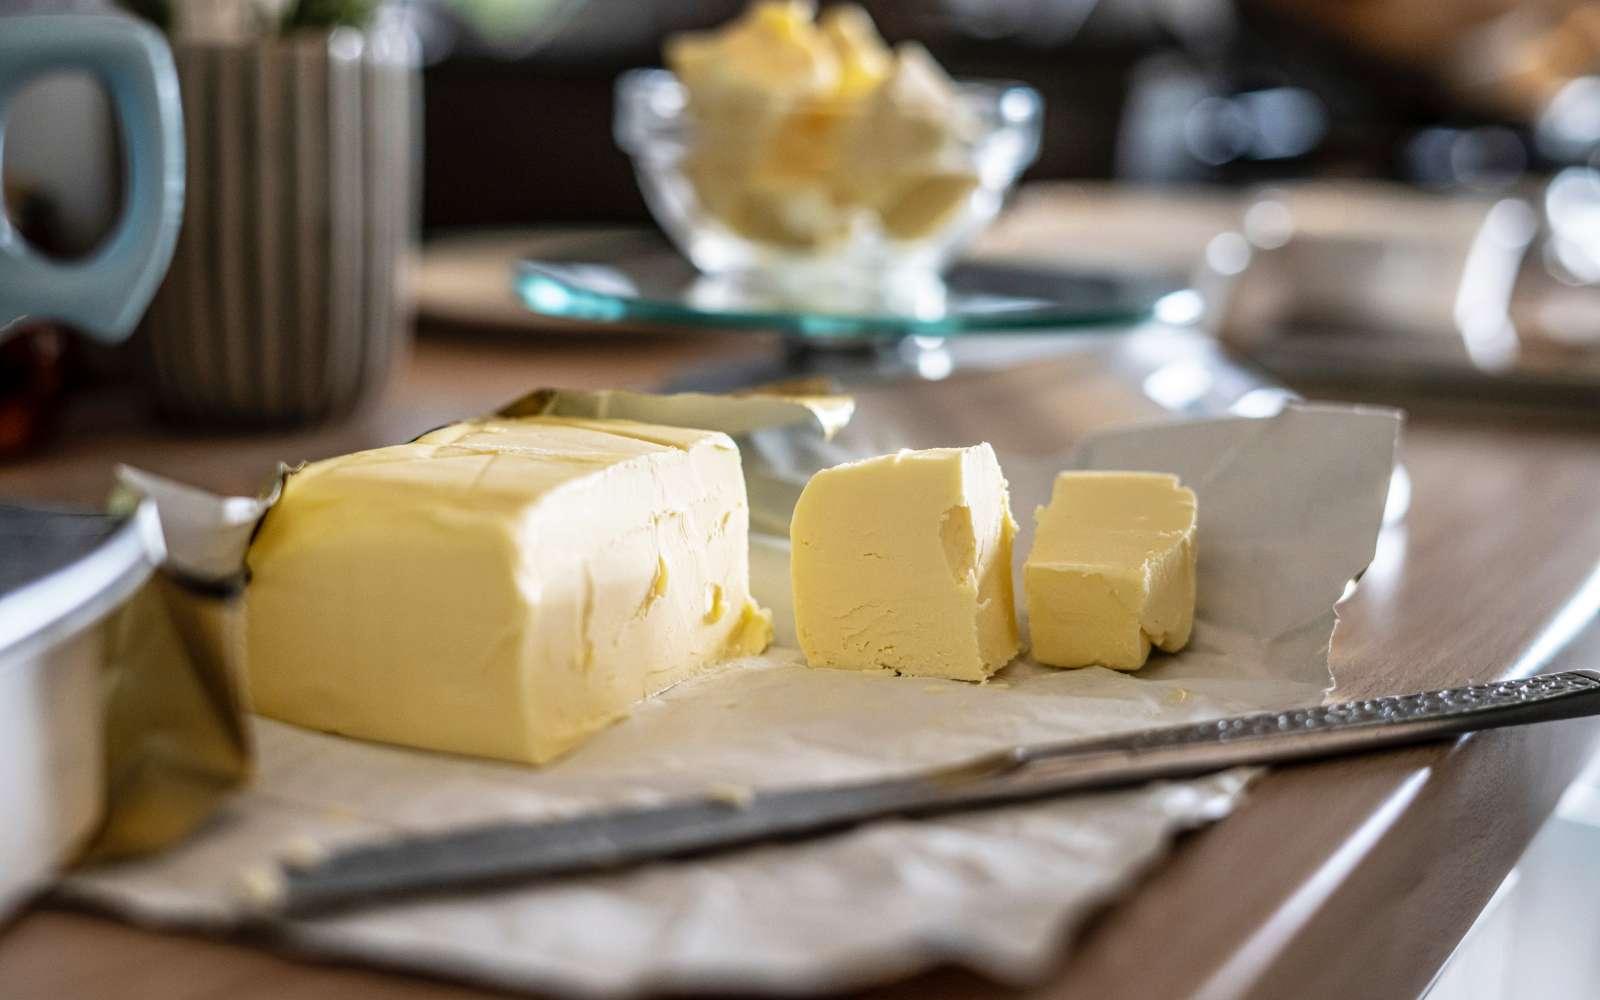 panetto di burro tagliato con coltello di acciaio